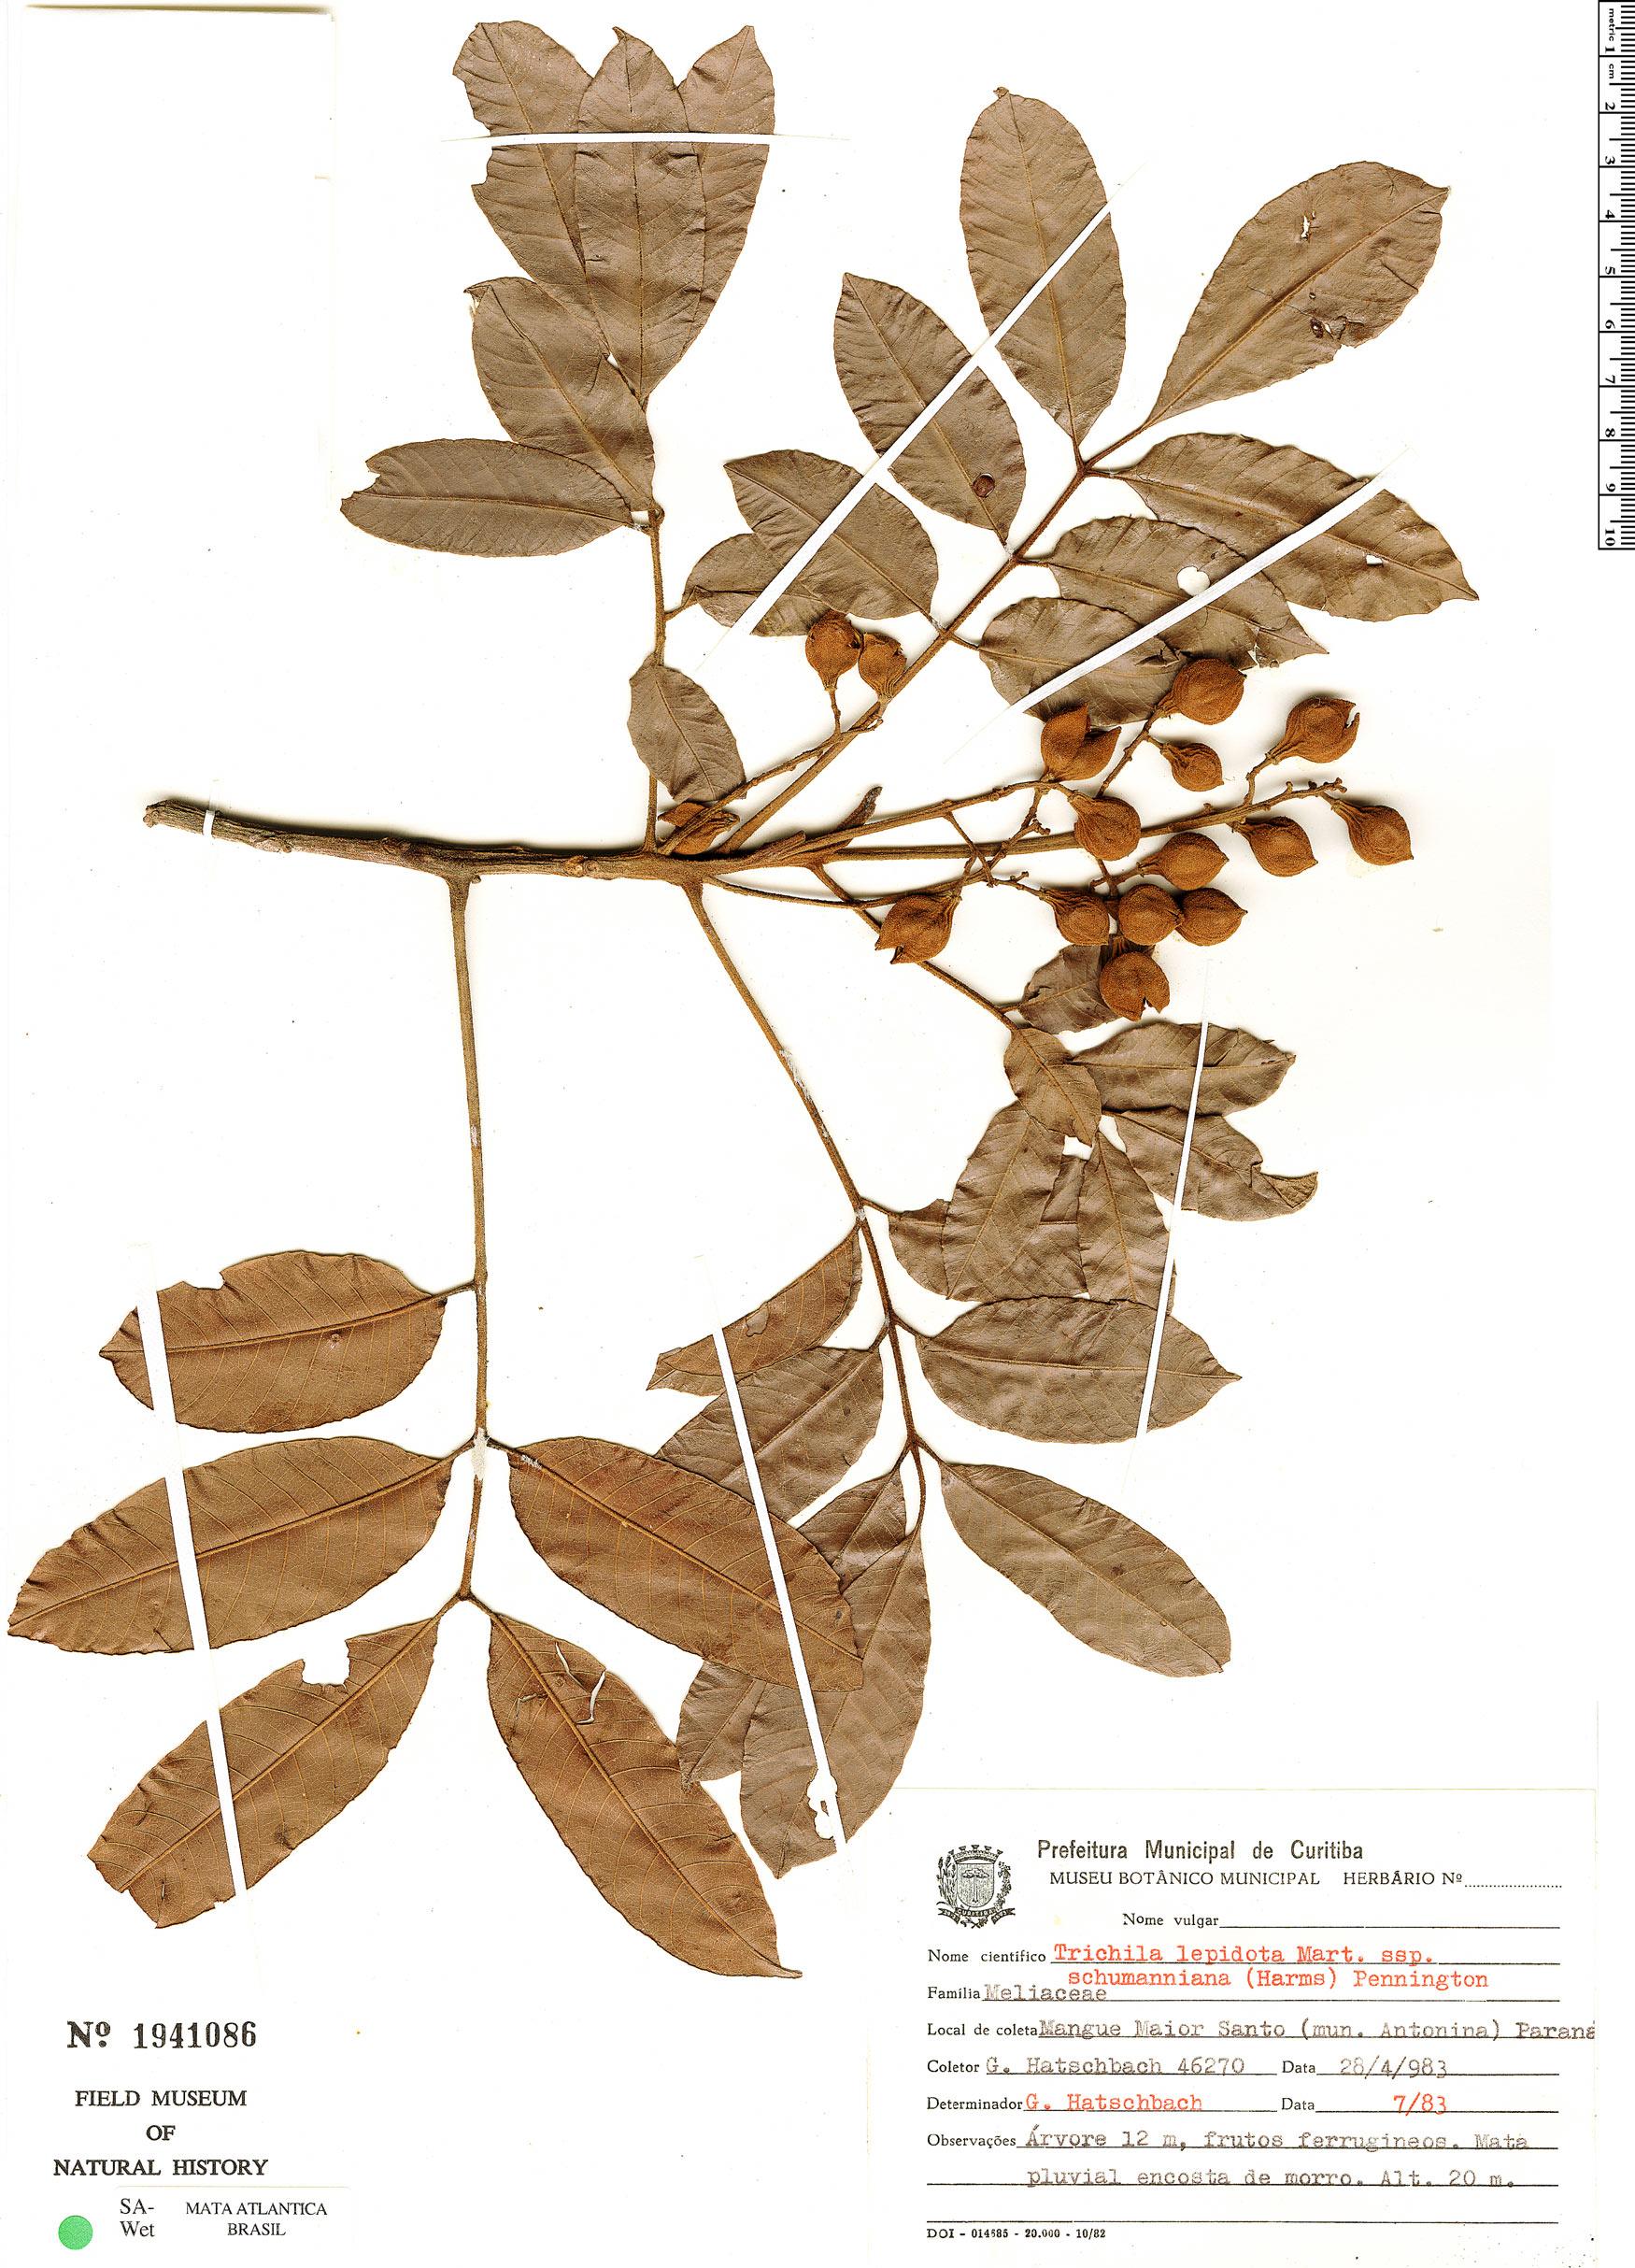 Specimen: Trichilia lepidota